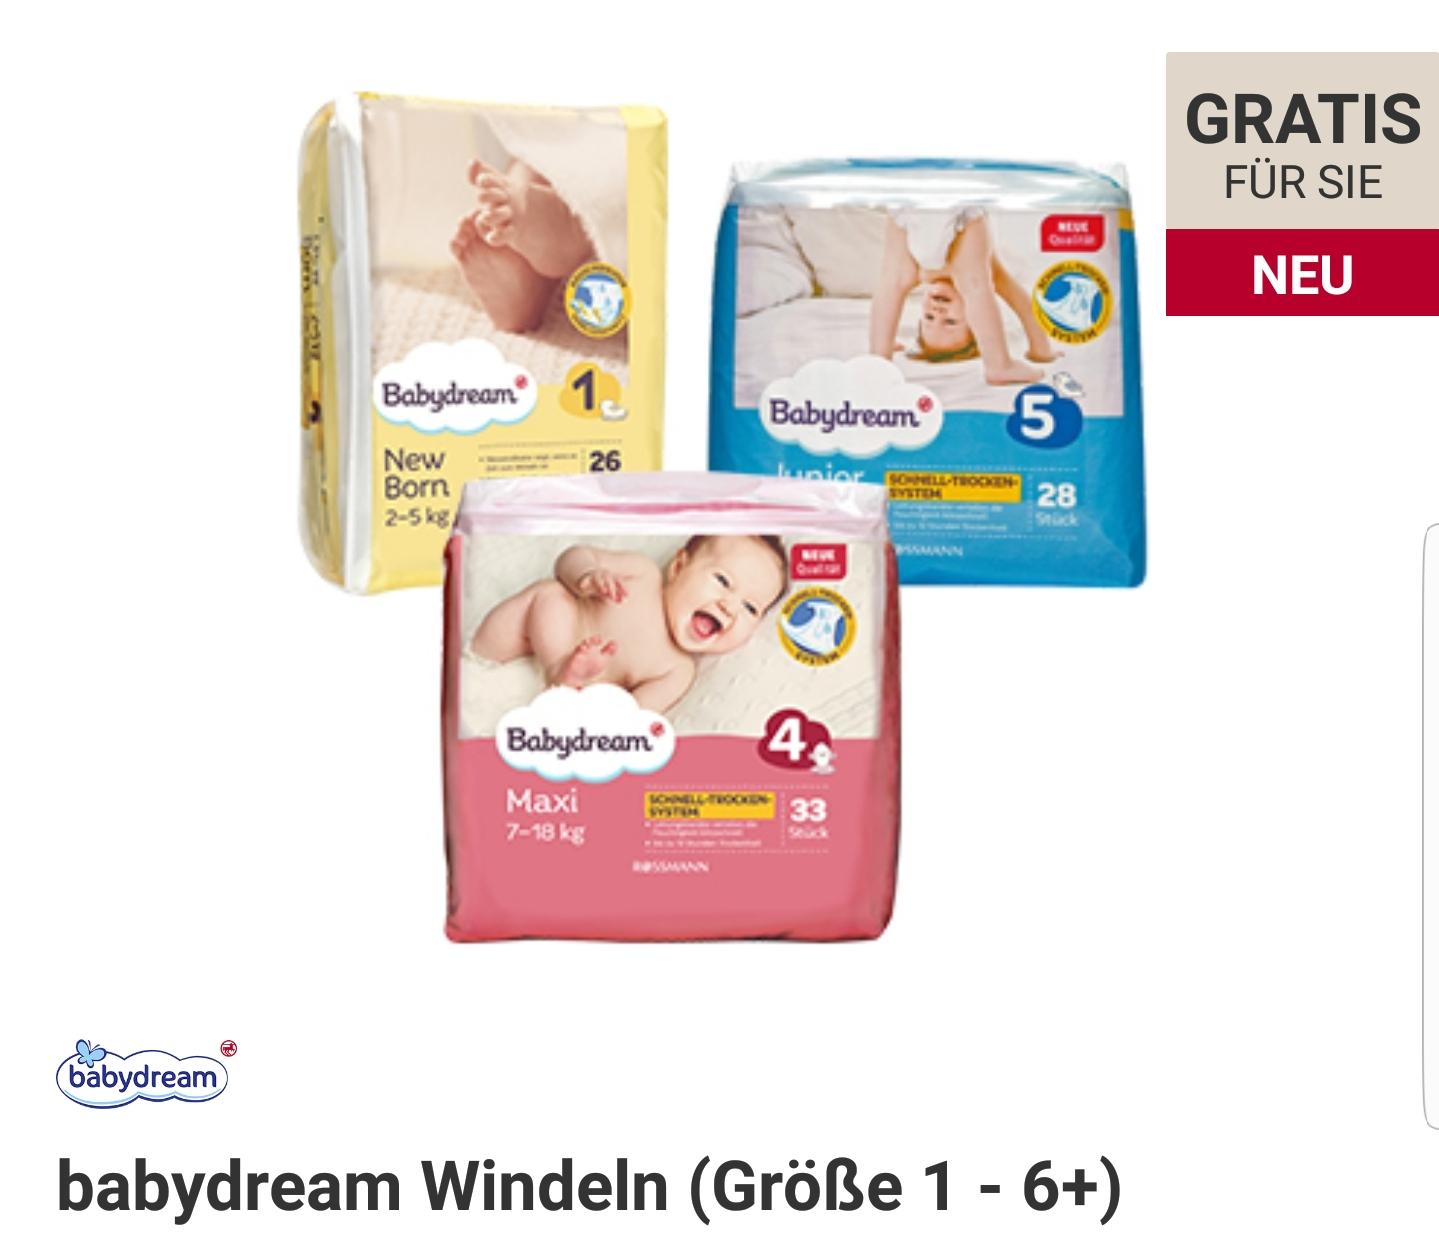 ROSSMANN Babywelt 1 PACK BABYDREAM WINDELN gratis